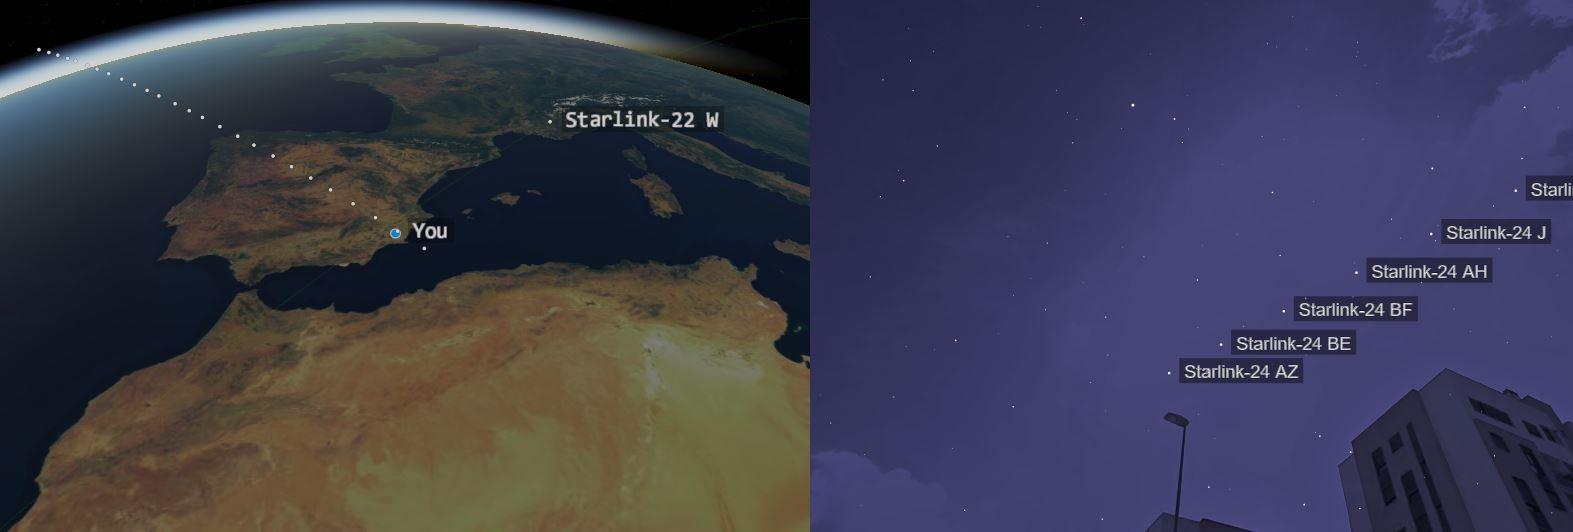 2021-06-03 Paso de satélites Starlink por el cielo de Joven Futura